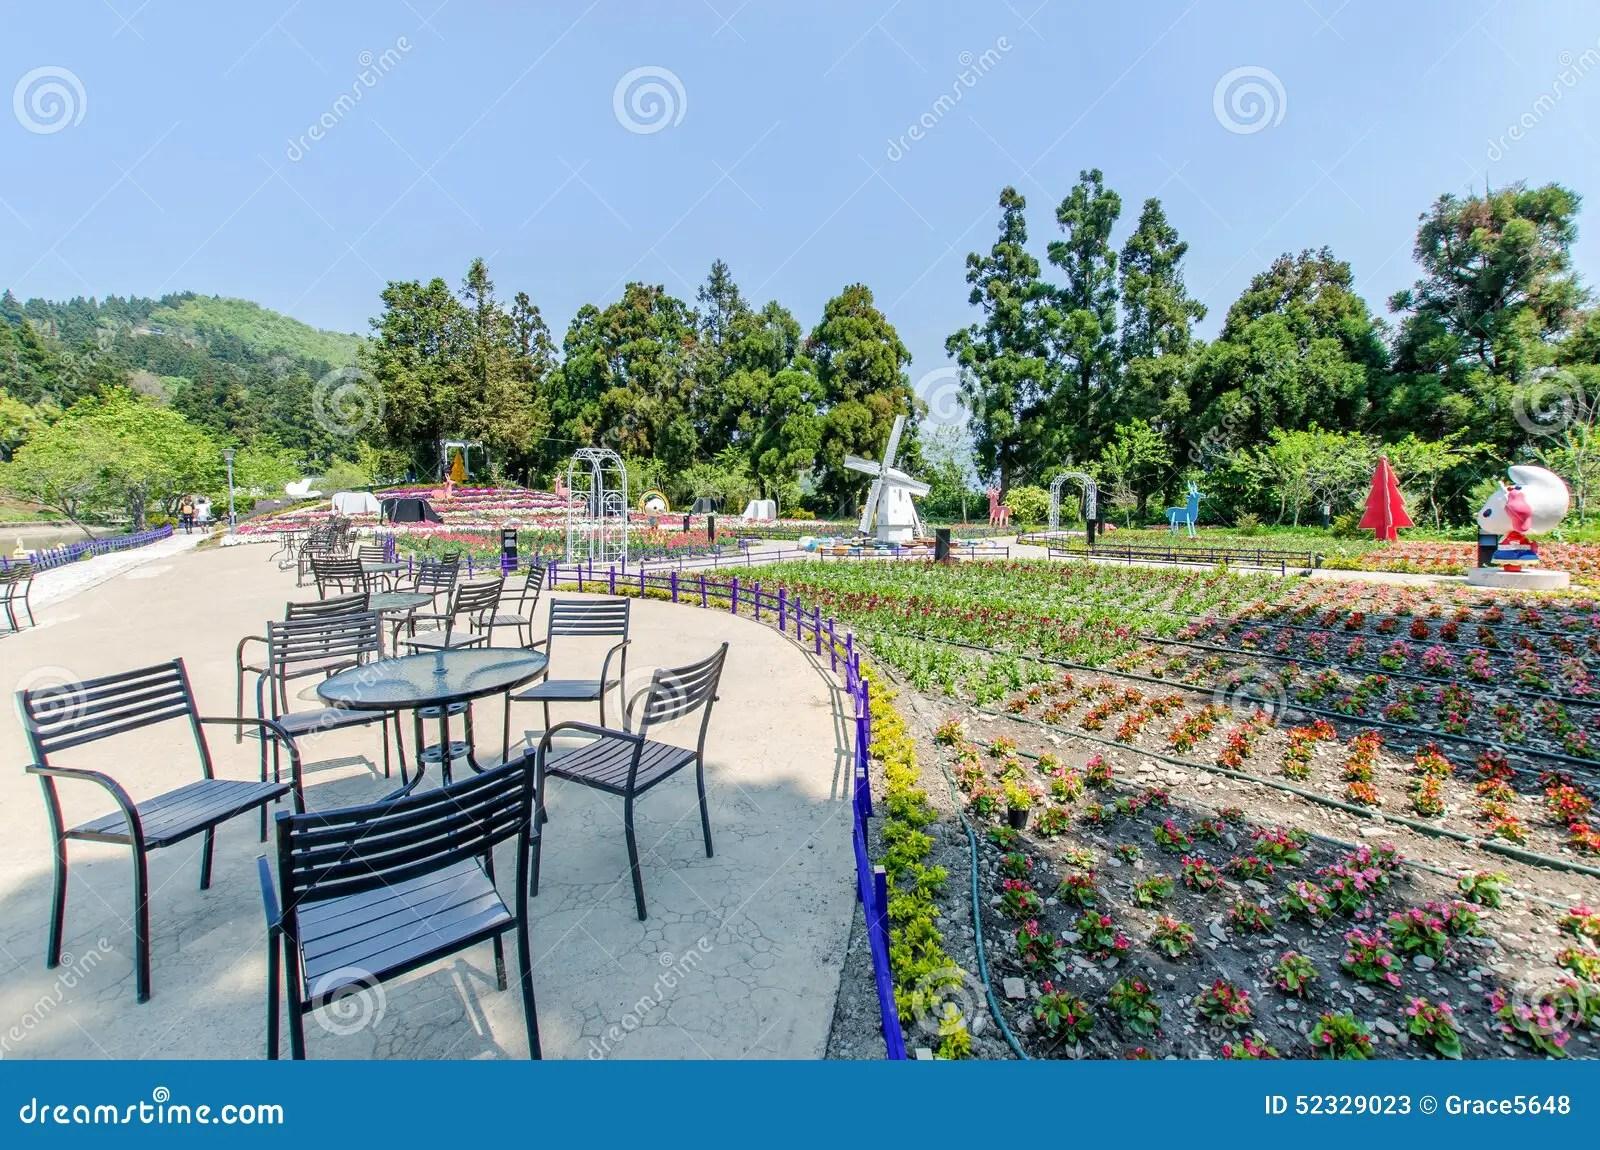 Cingjing Small Swiss Garden In Nantou Taiwan Editorial